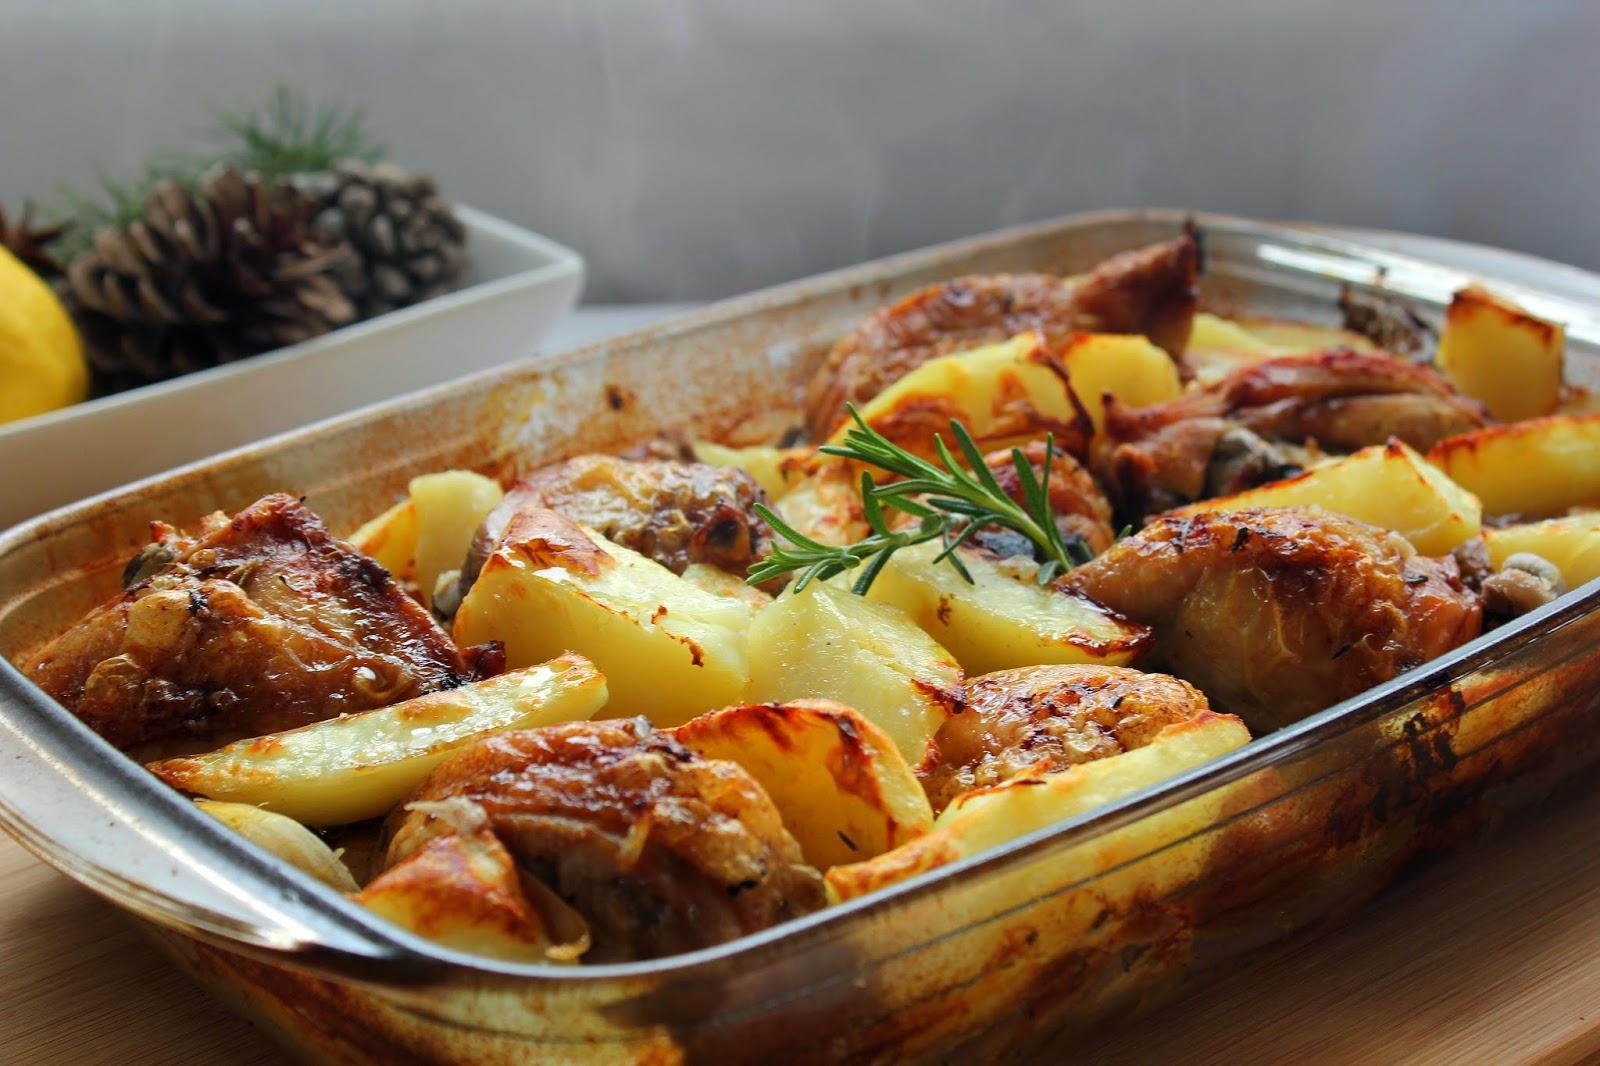 Cocinando con las chachas pollo asado con tomillo romero - Pollo al horno con limon y patatas ...